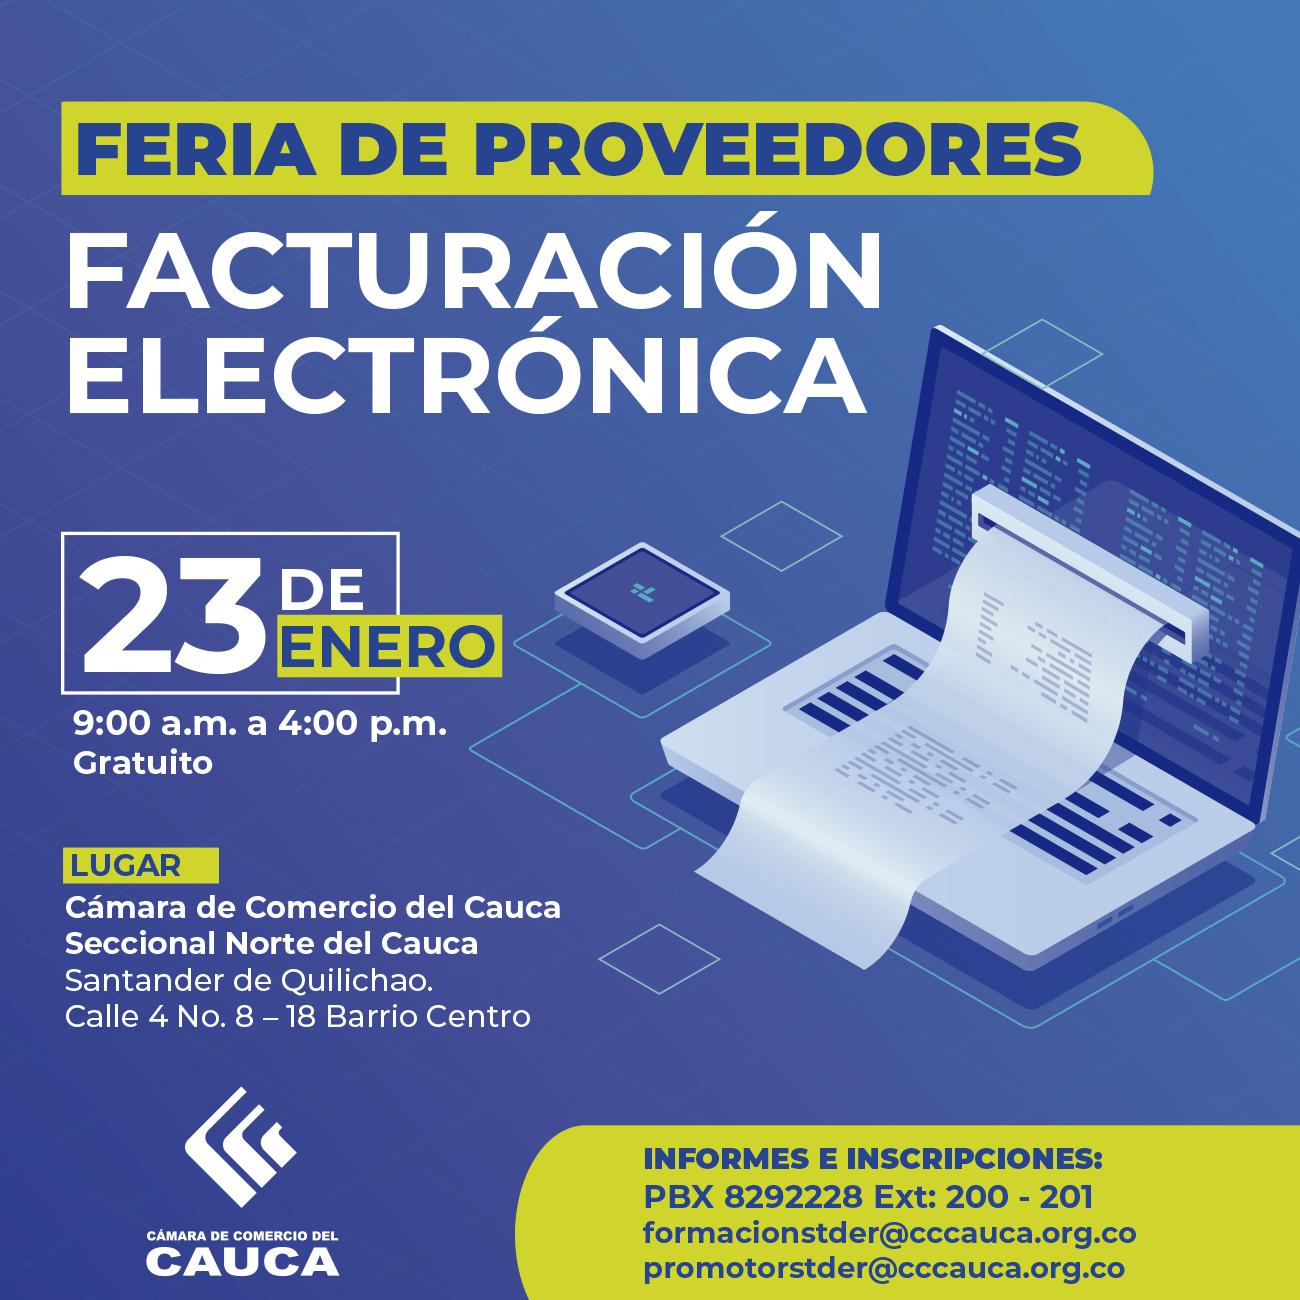 Feria de proveedores: Facturación electrónica